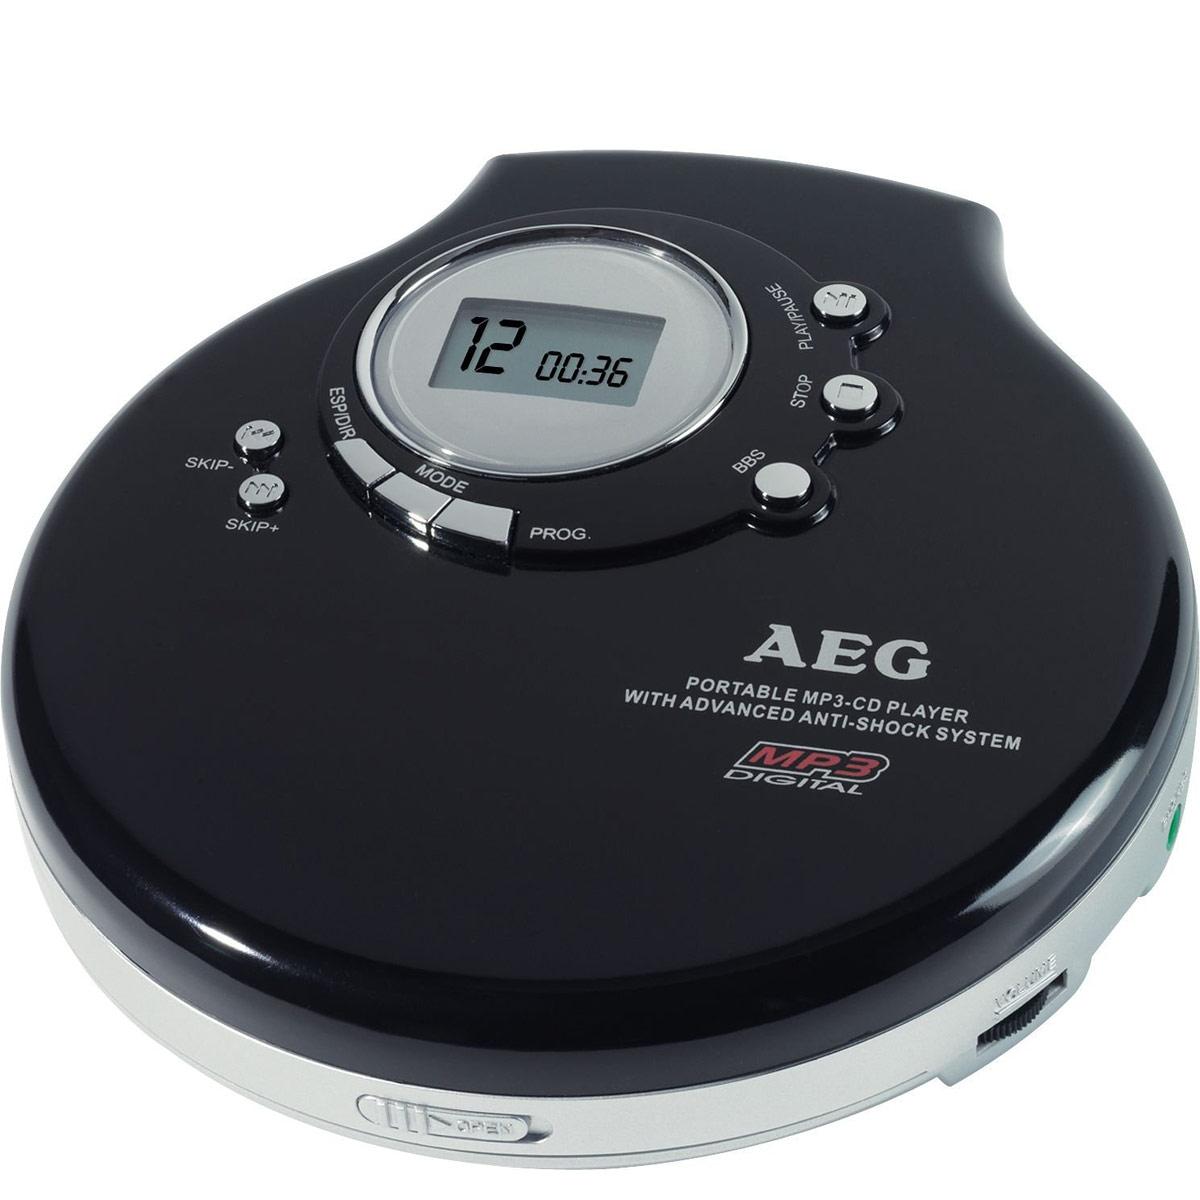 AEG CDP 4212, Black CD-MP3 плеерCDP 4212 schwarzСовместим с CD-R, CD-RW, MP3 Возможность программирования 64 треков МР3 Возможность программирования до 20 треков для аудио CD Антишок / стабилизатор кручения диска для МР3 воспроизведения до 120 секунд и 40 секунд для аудио CD Элементы питания: 2 х АА Гнездо для подключения к сети 4,5 В